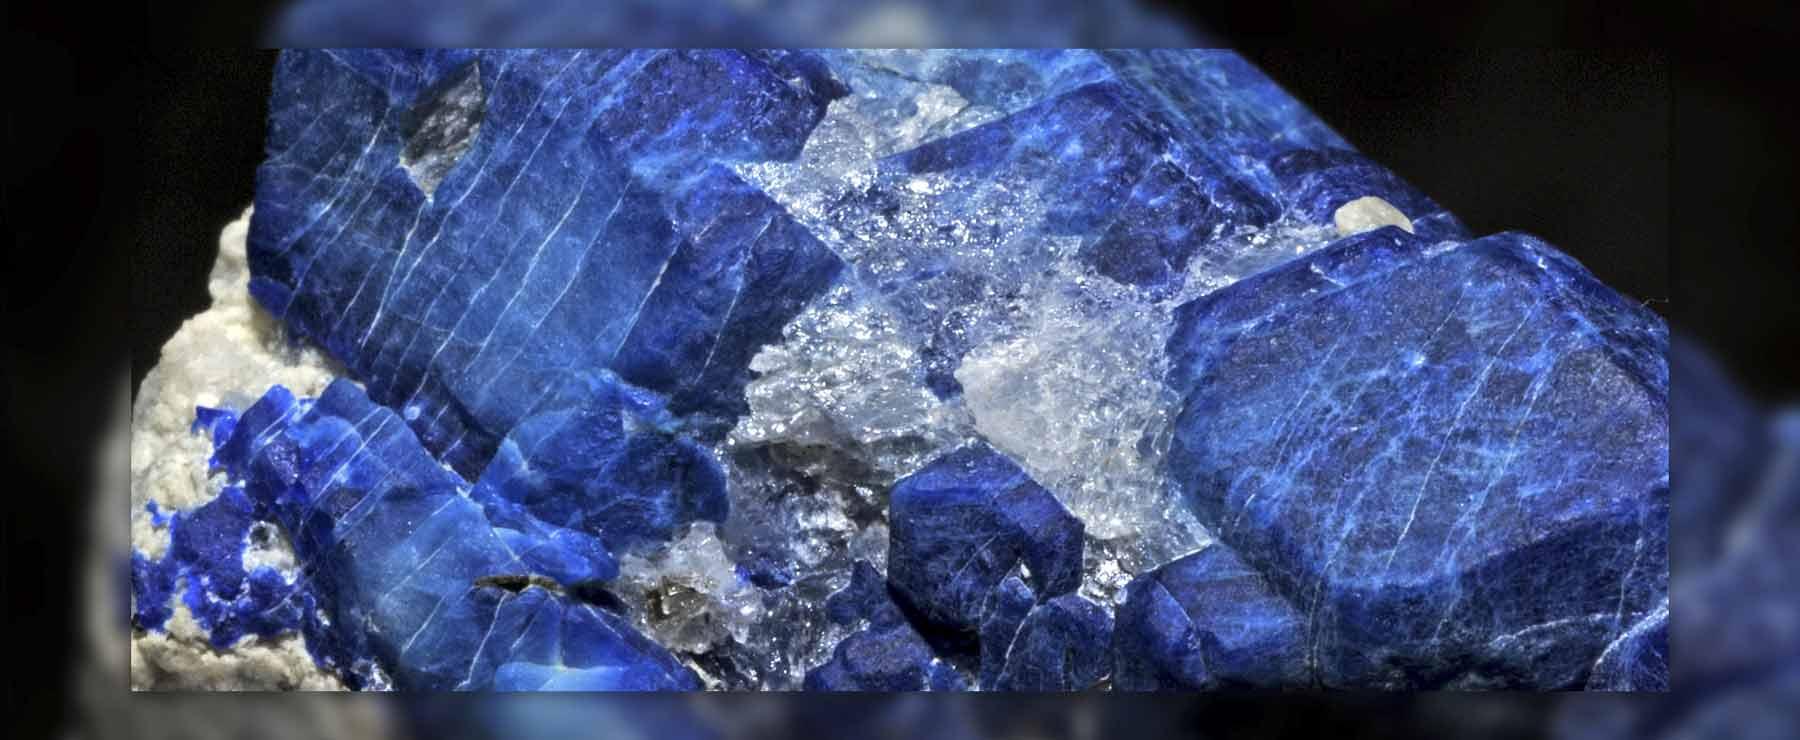 Pierre Précieuse Bleue, Pierre Semi-Précieuse Bleue, Bijoux Pierre Bleue